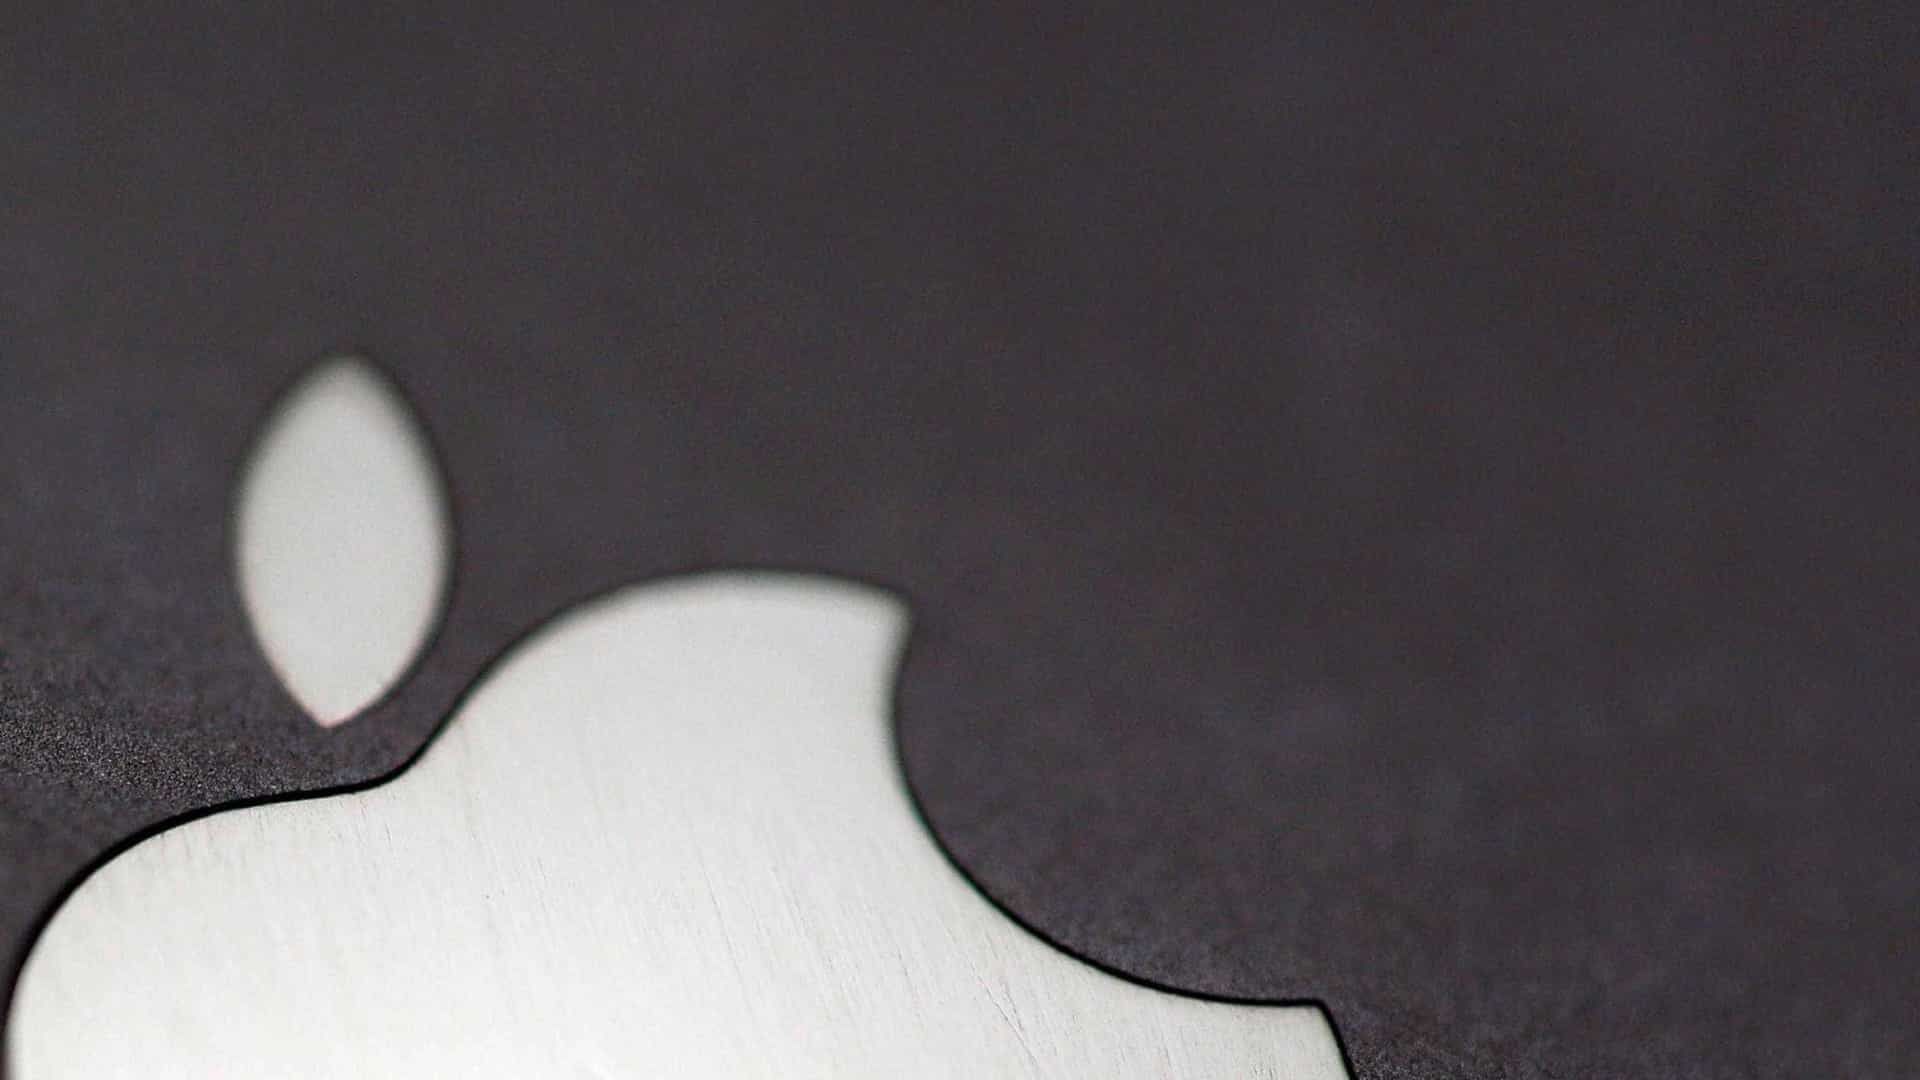 Lançamento do iPhone de tela dobrável pode atrasar (ainda mais)